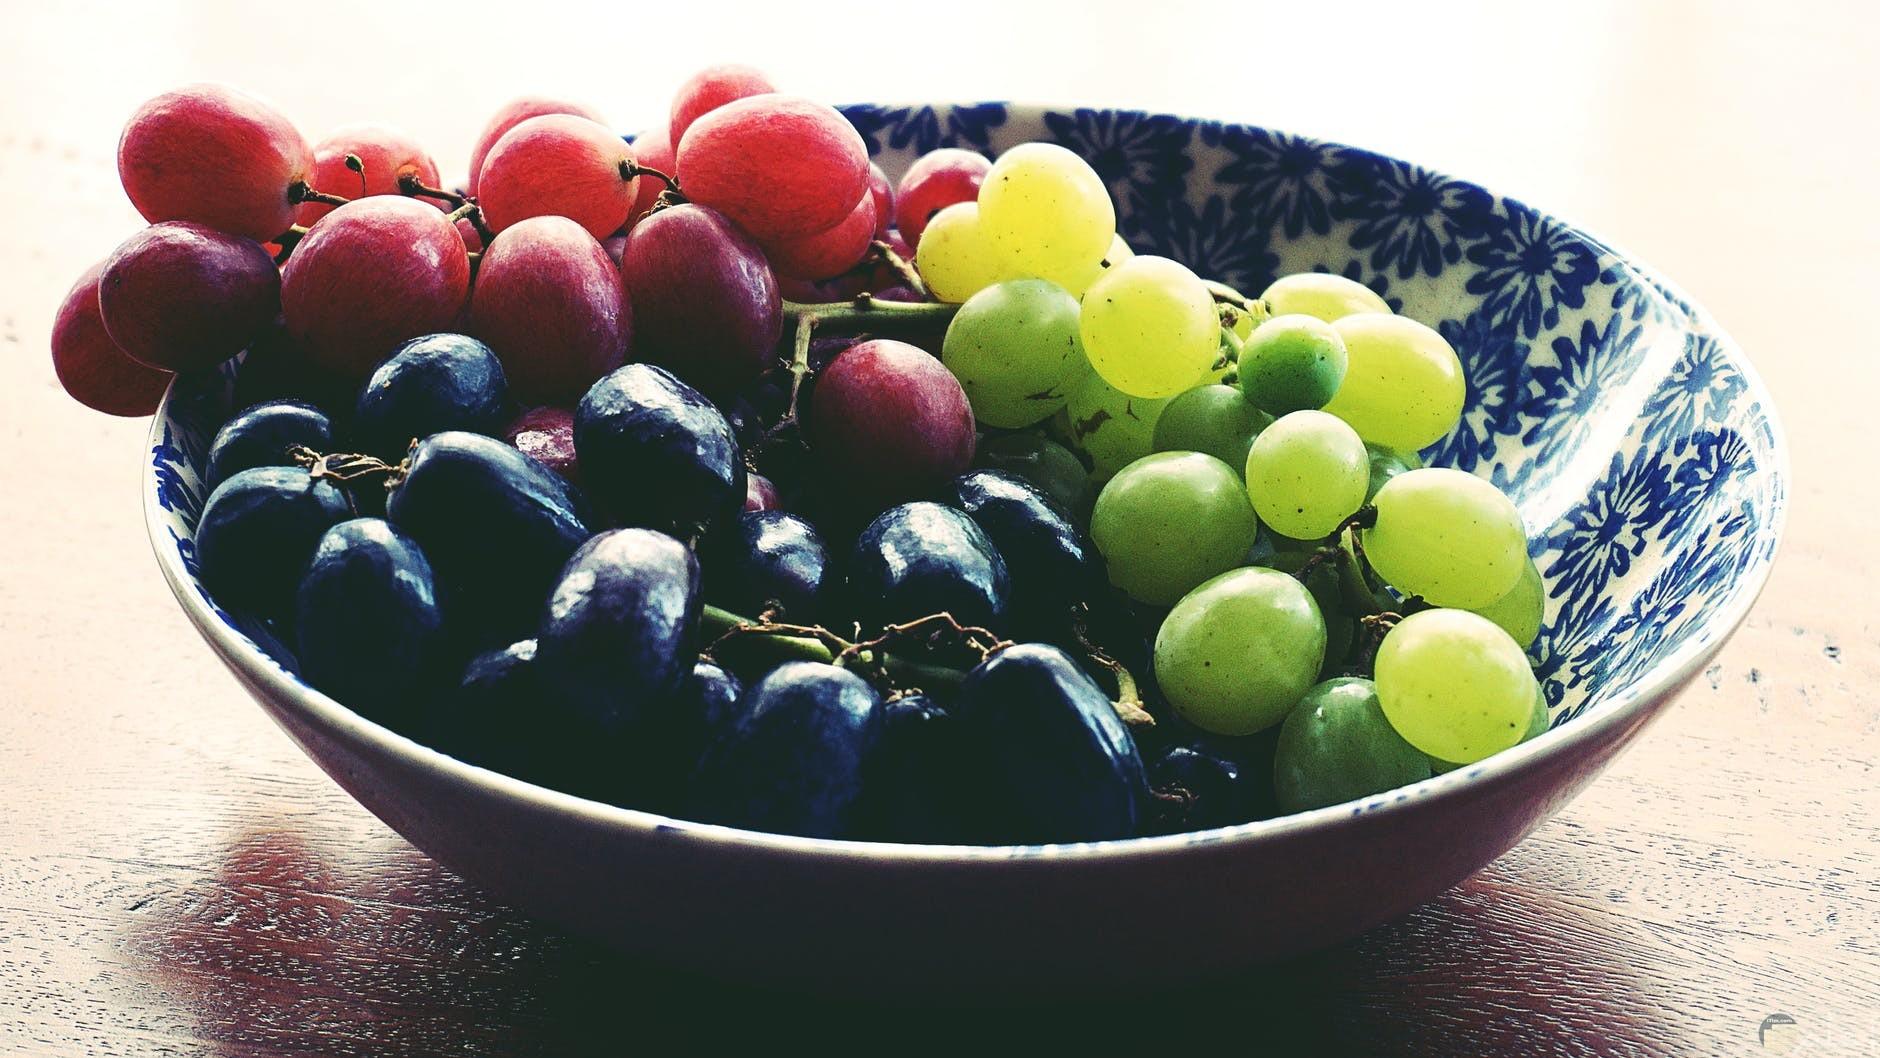 فوائد طبق العنب لجسم الانسان